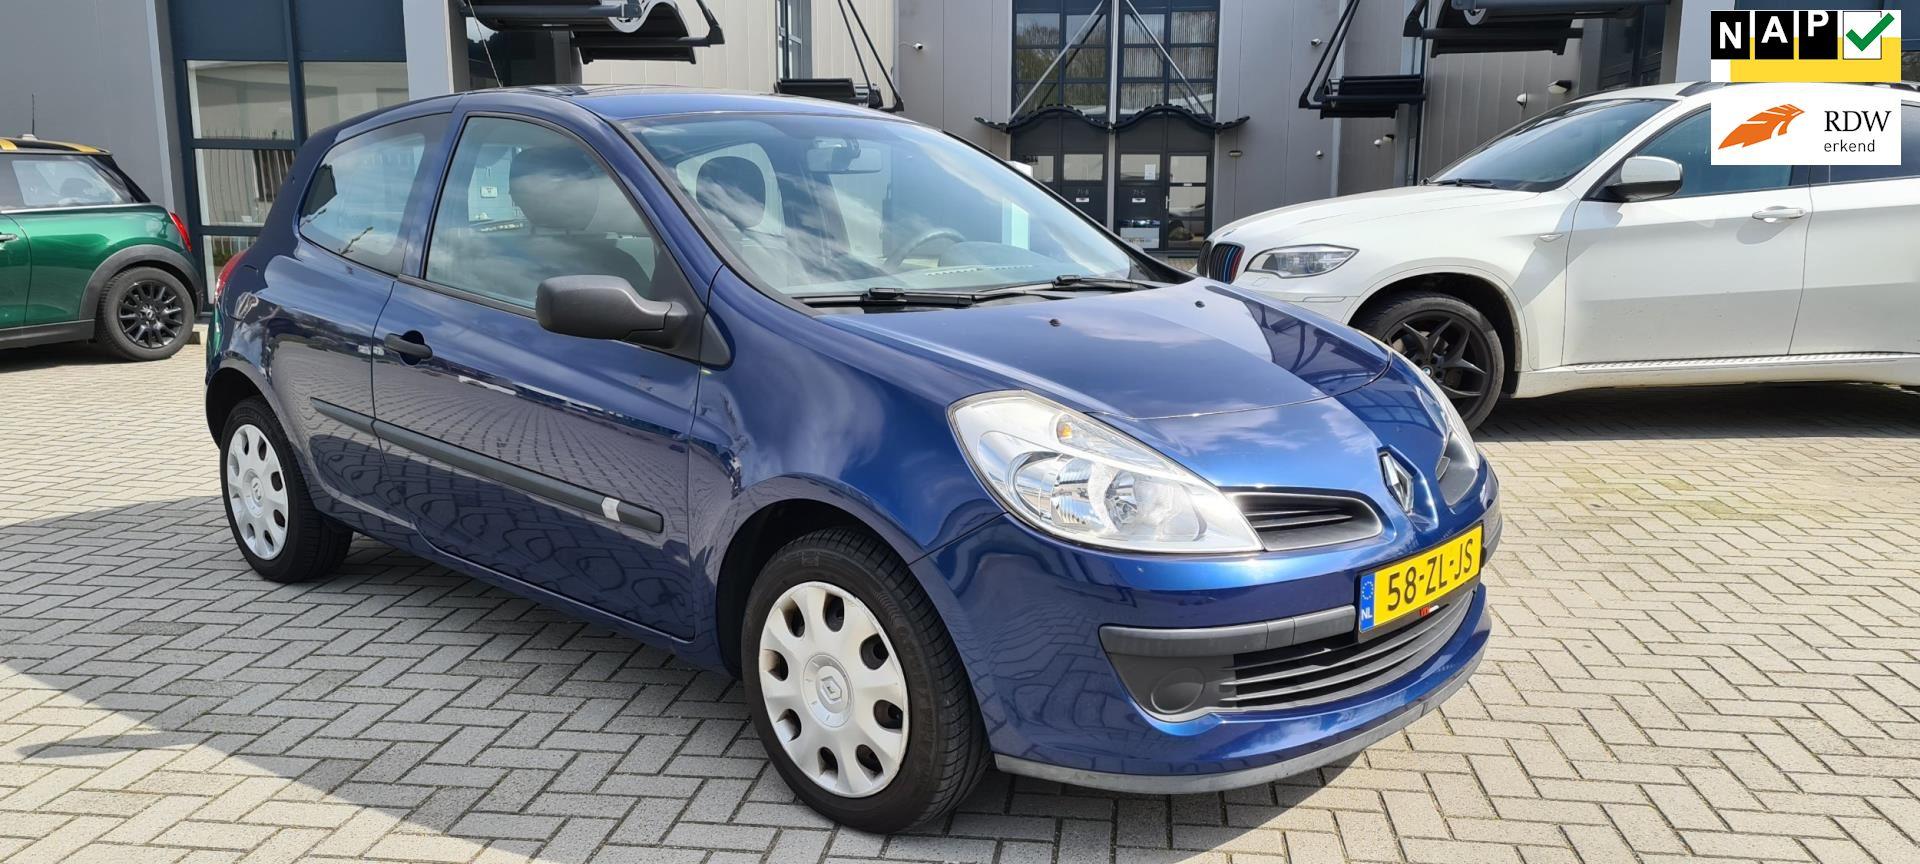 Renault Clio occasion - Weerterveld Auto's